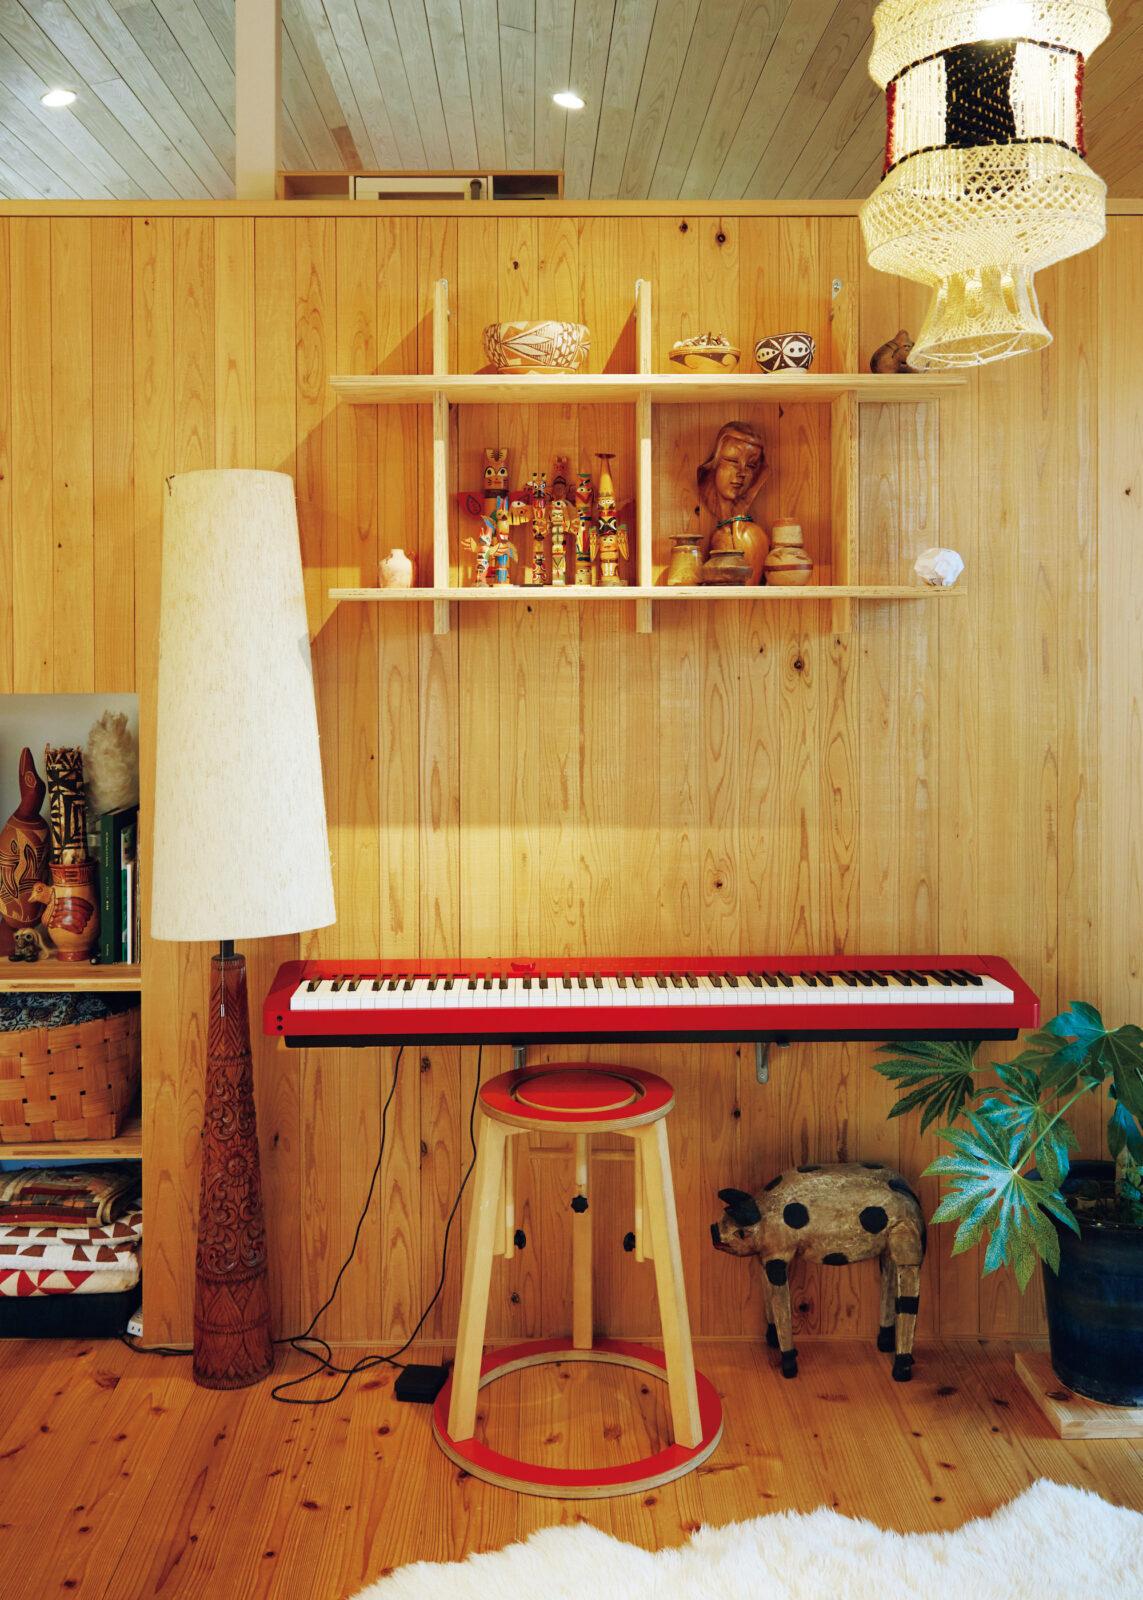 リビングの壁。2年前に娘が始めたピアノを設置したところ、家にあったセイミ社の椅子と色味がマッチ。飾り棚にはトーテムポールなど、アメリカやメキシコのフォークアートが並ぶ。